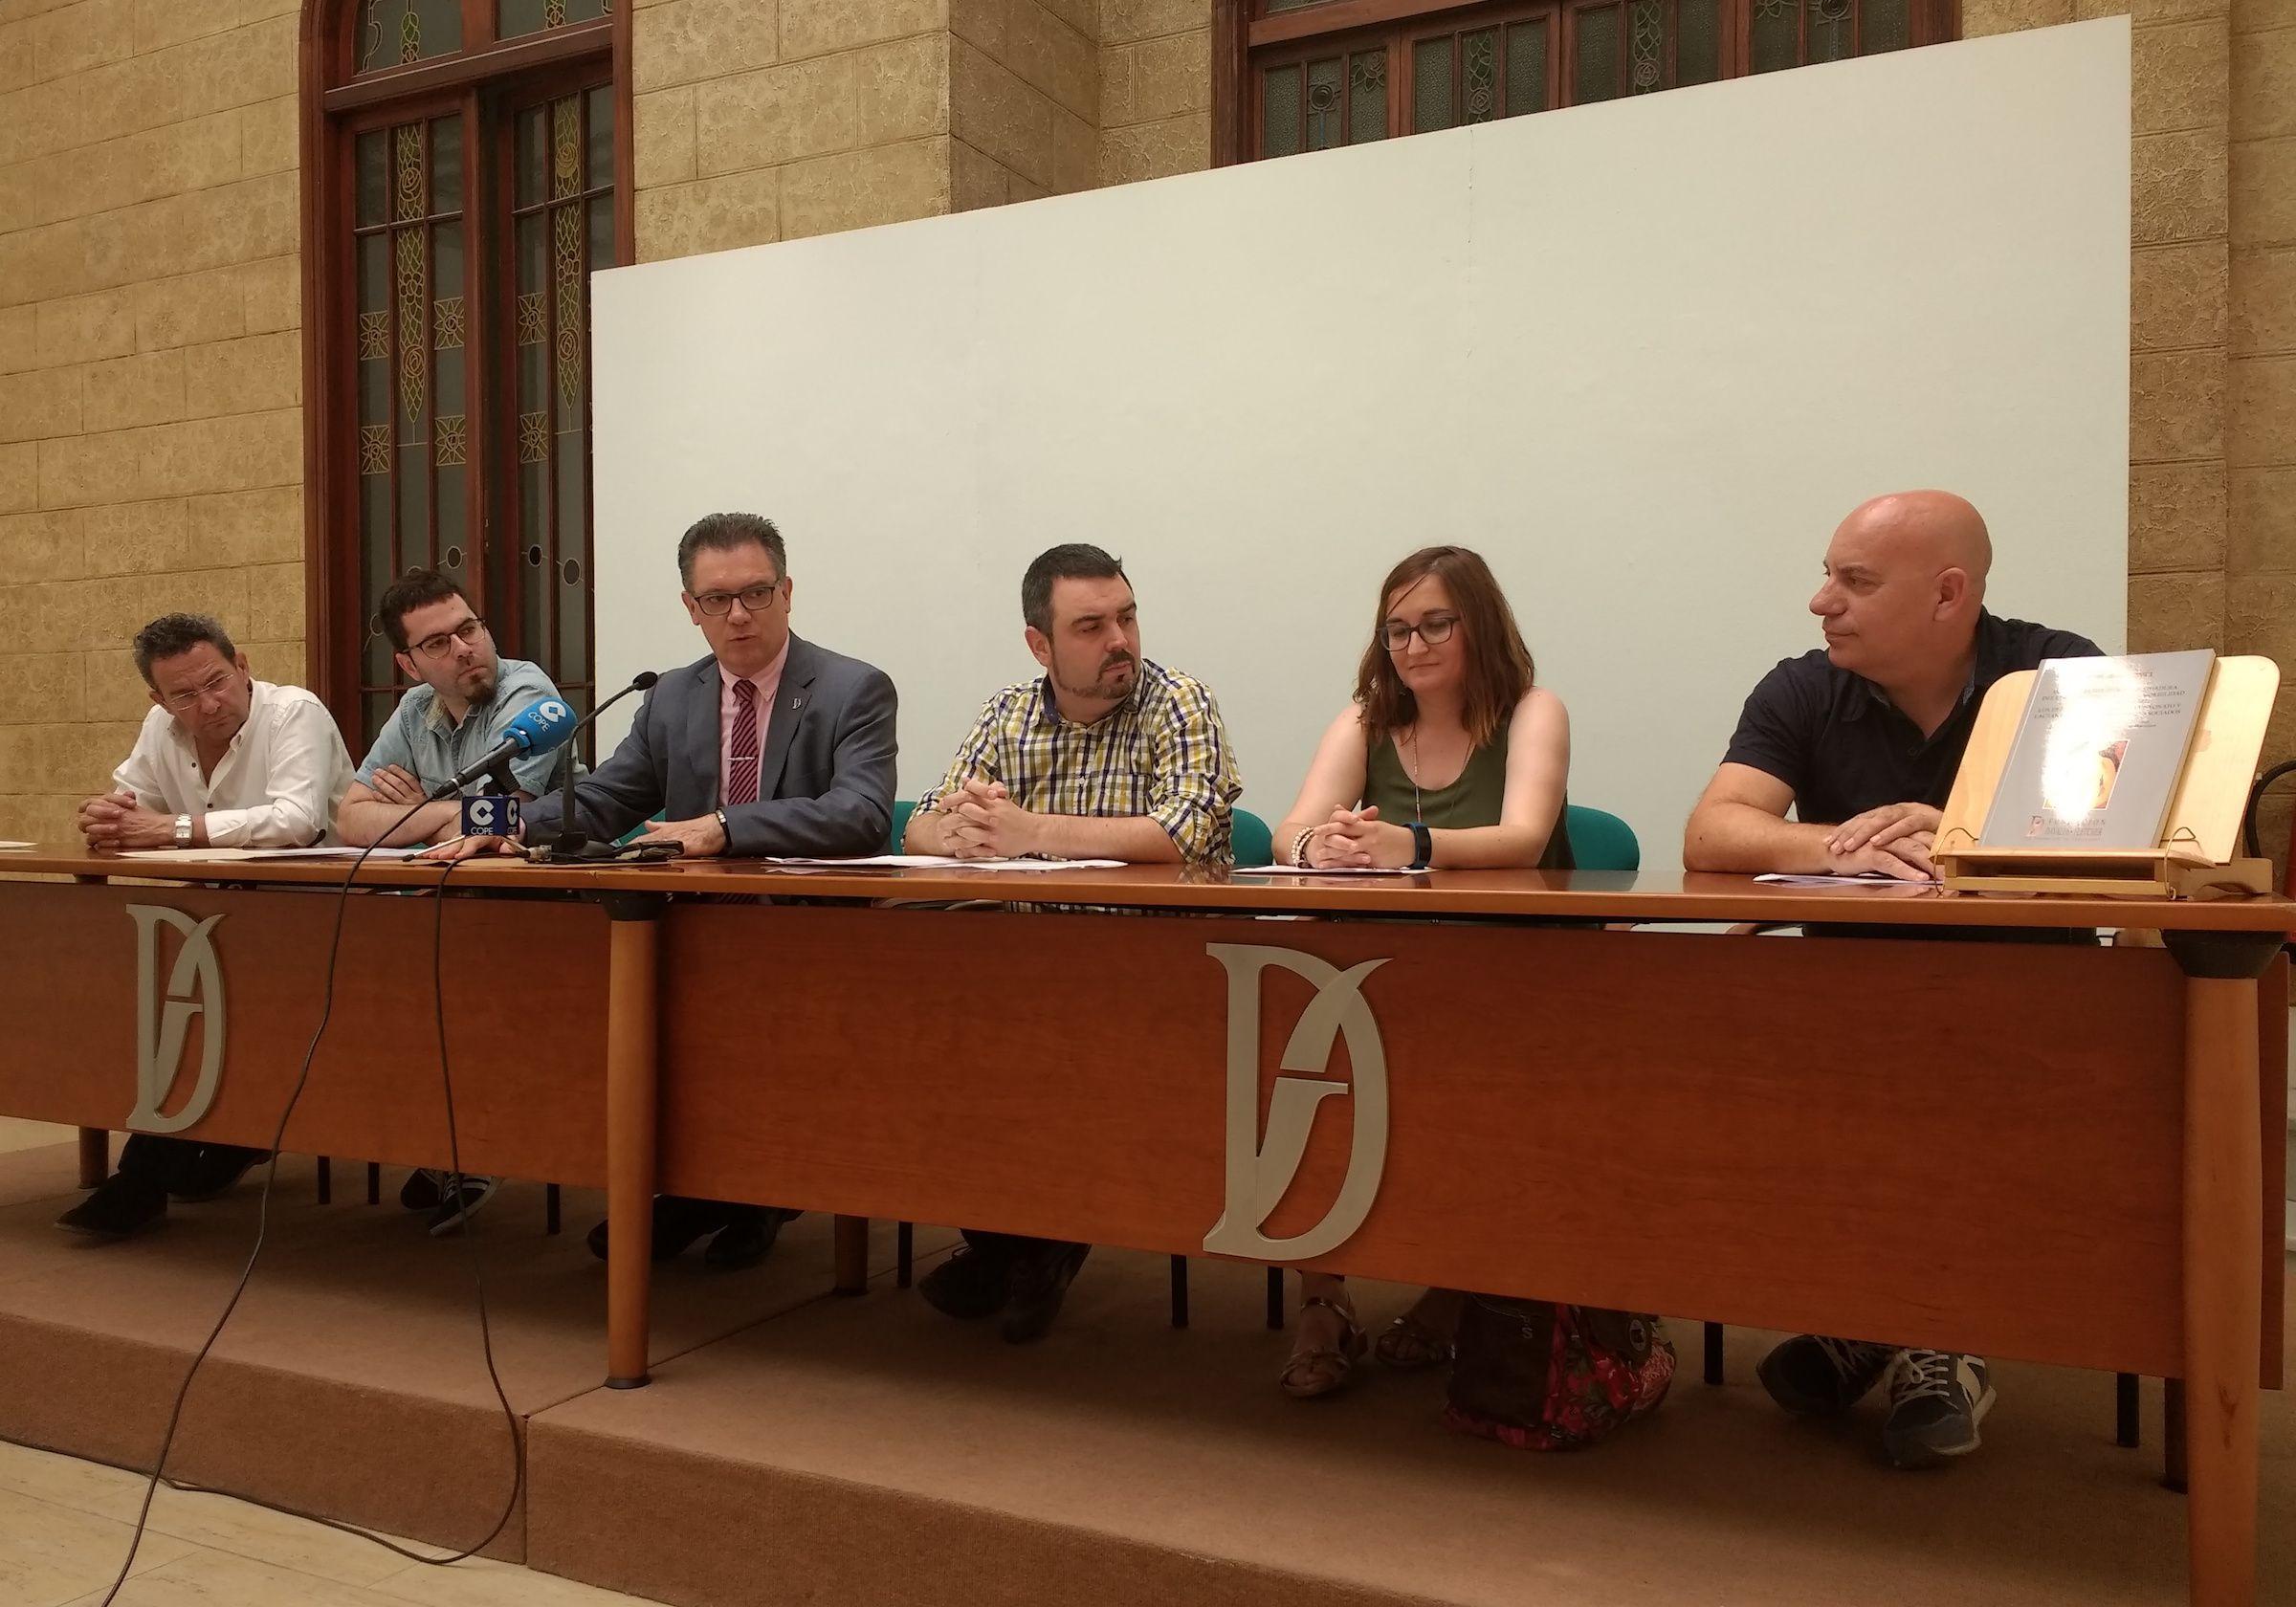 Presentación del libro con los resultados del estudio, en la Fundación Dávalos-Fletcher de Castellón.